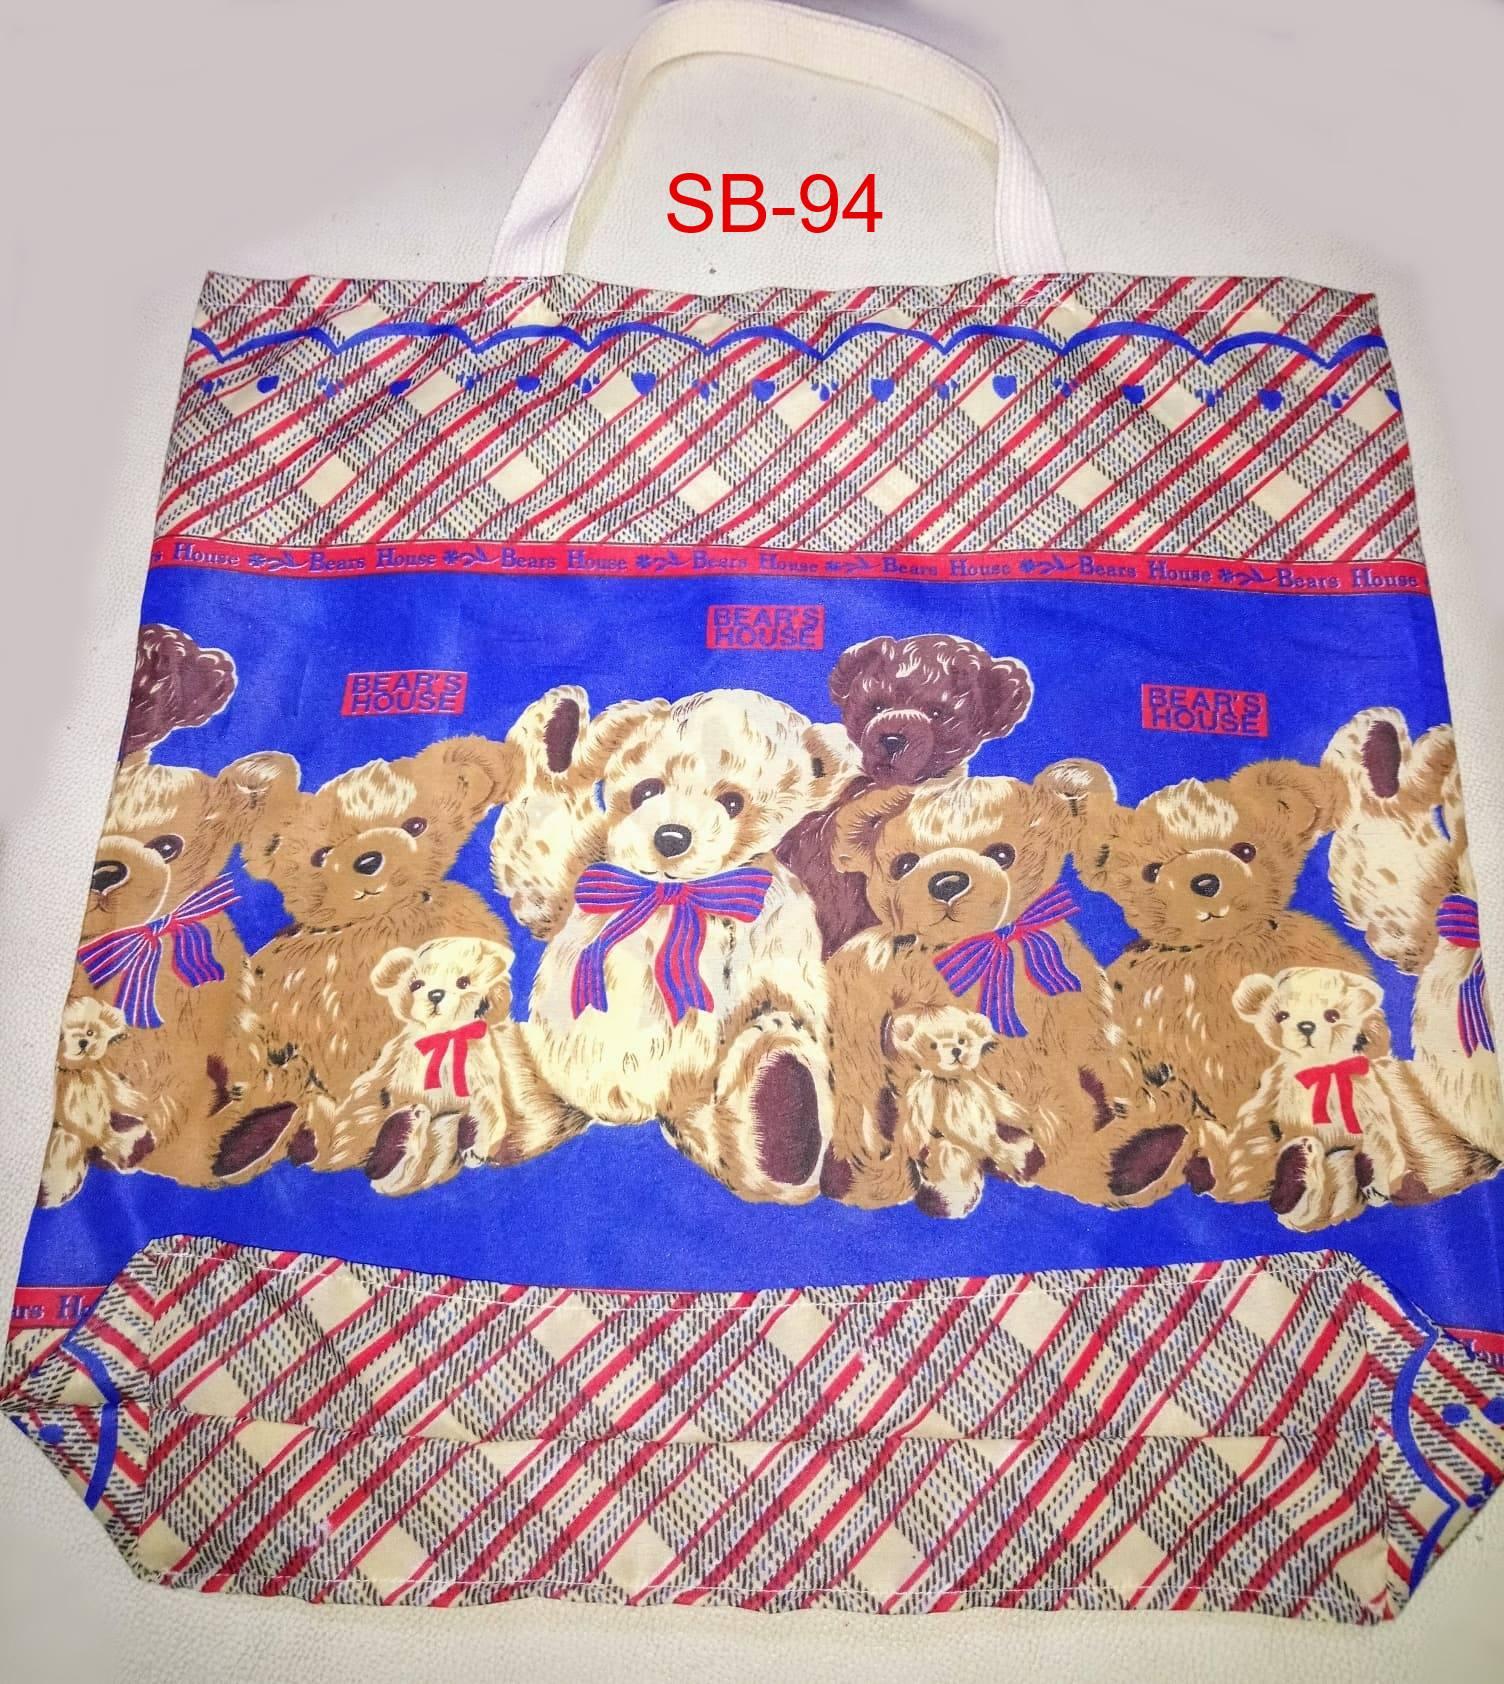 Satin Shopping Bag